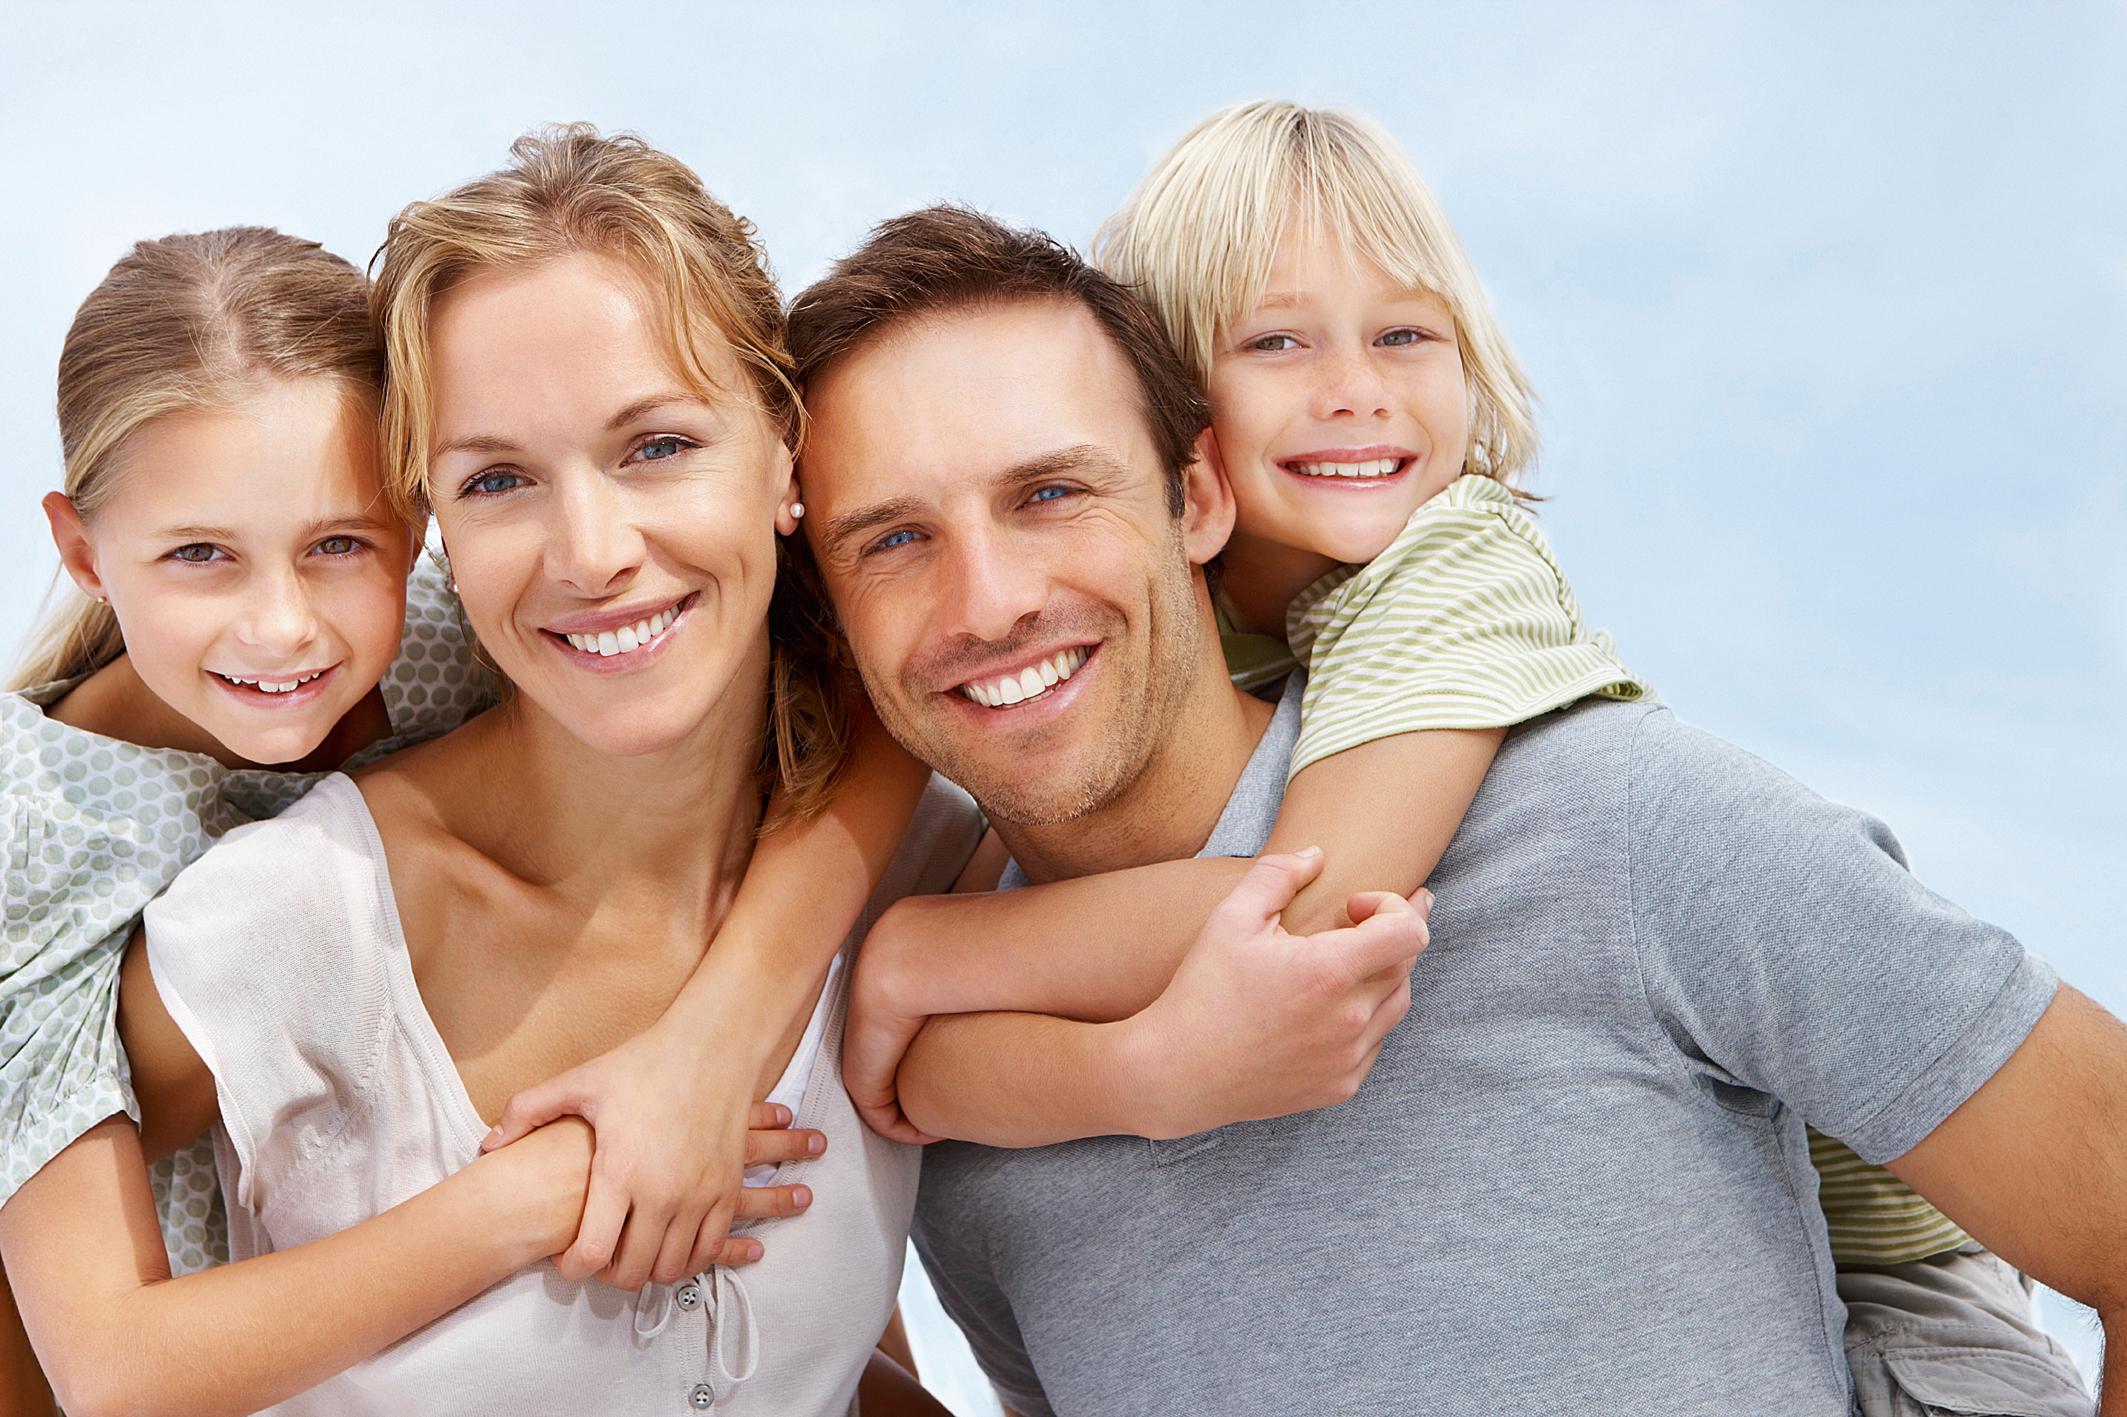 Mlada obitelj: kćer grli mamu oko vrata, pored stoji otac kojeg sin grli